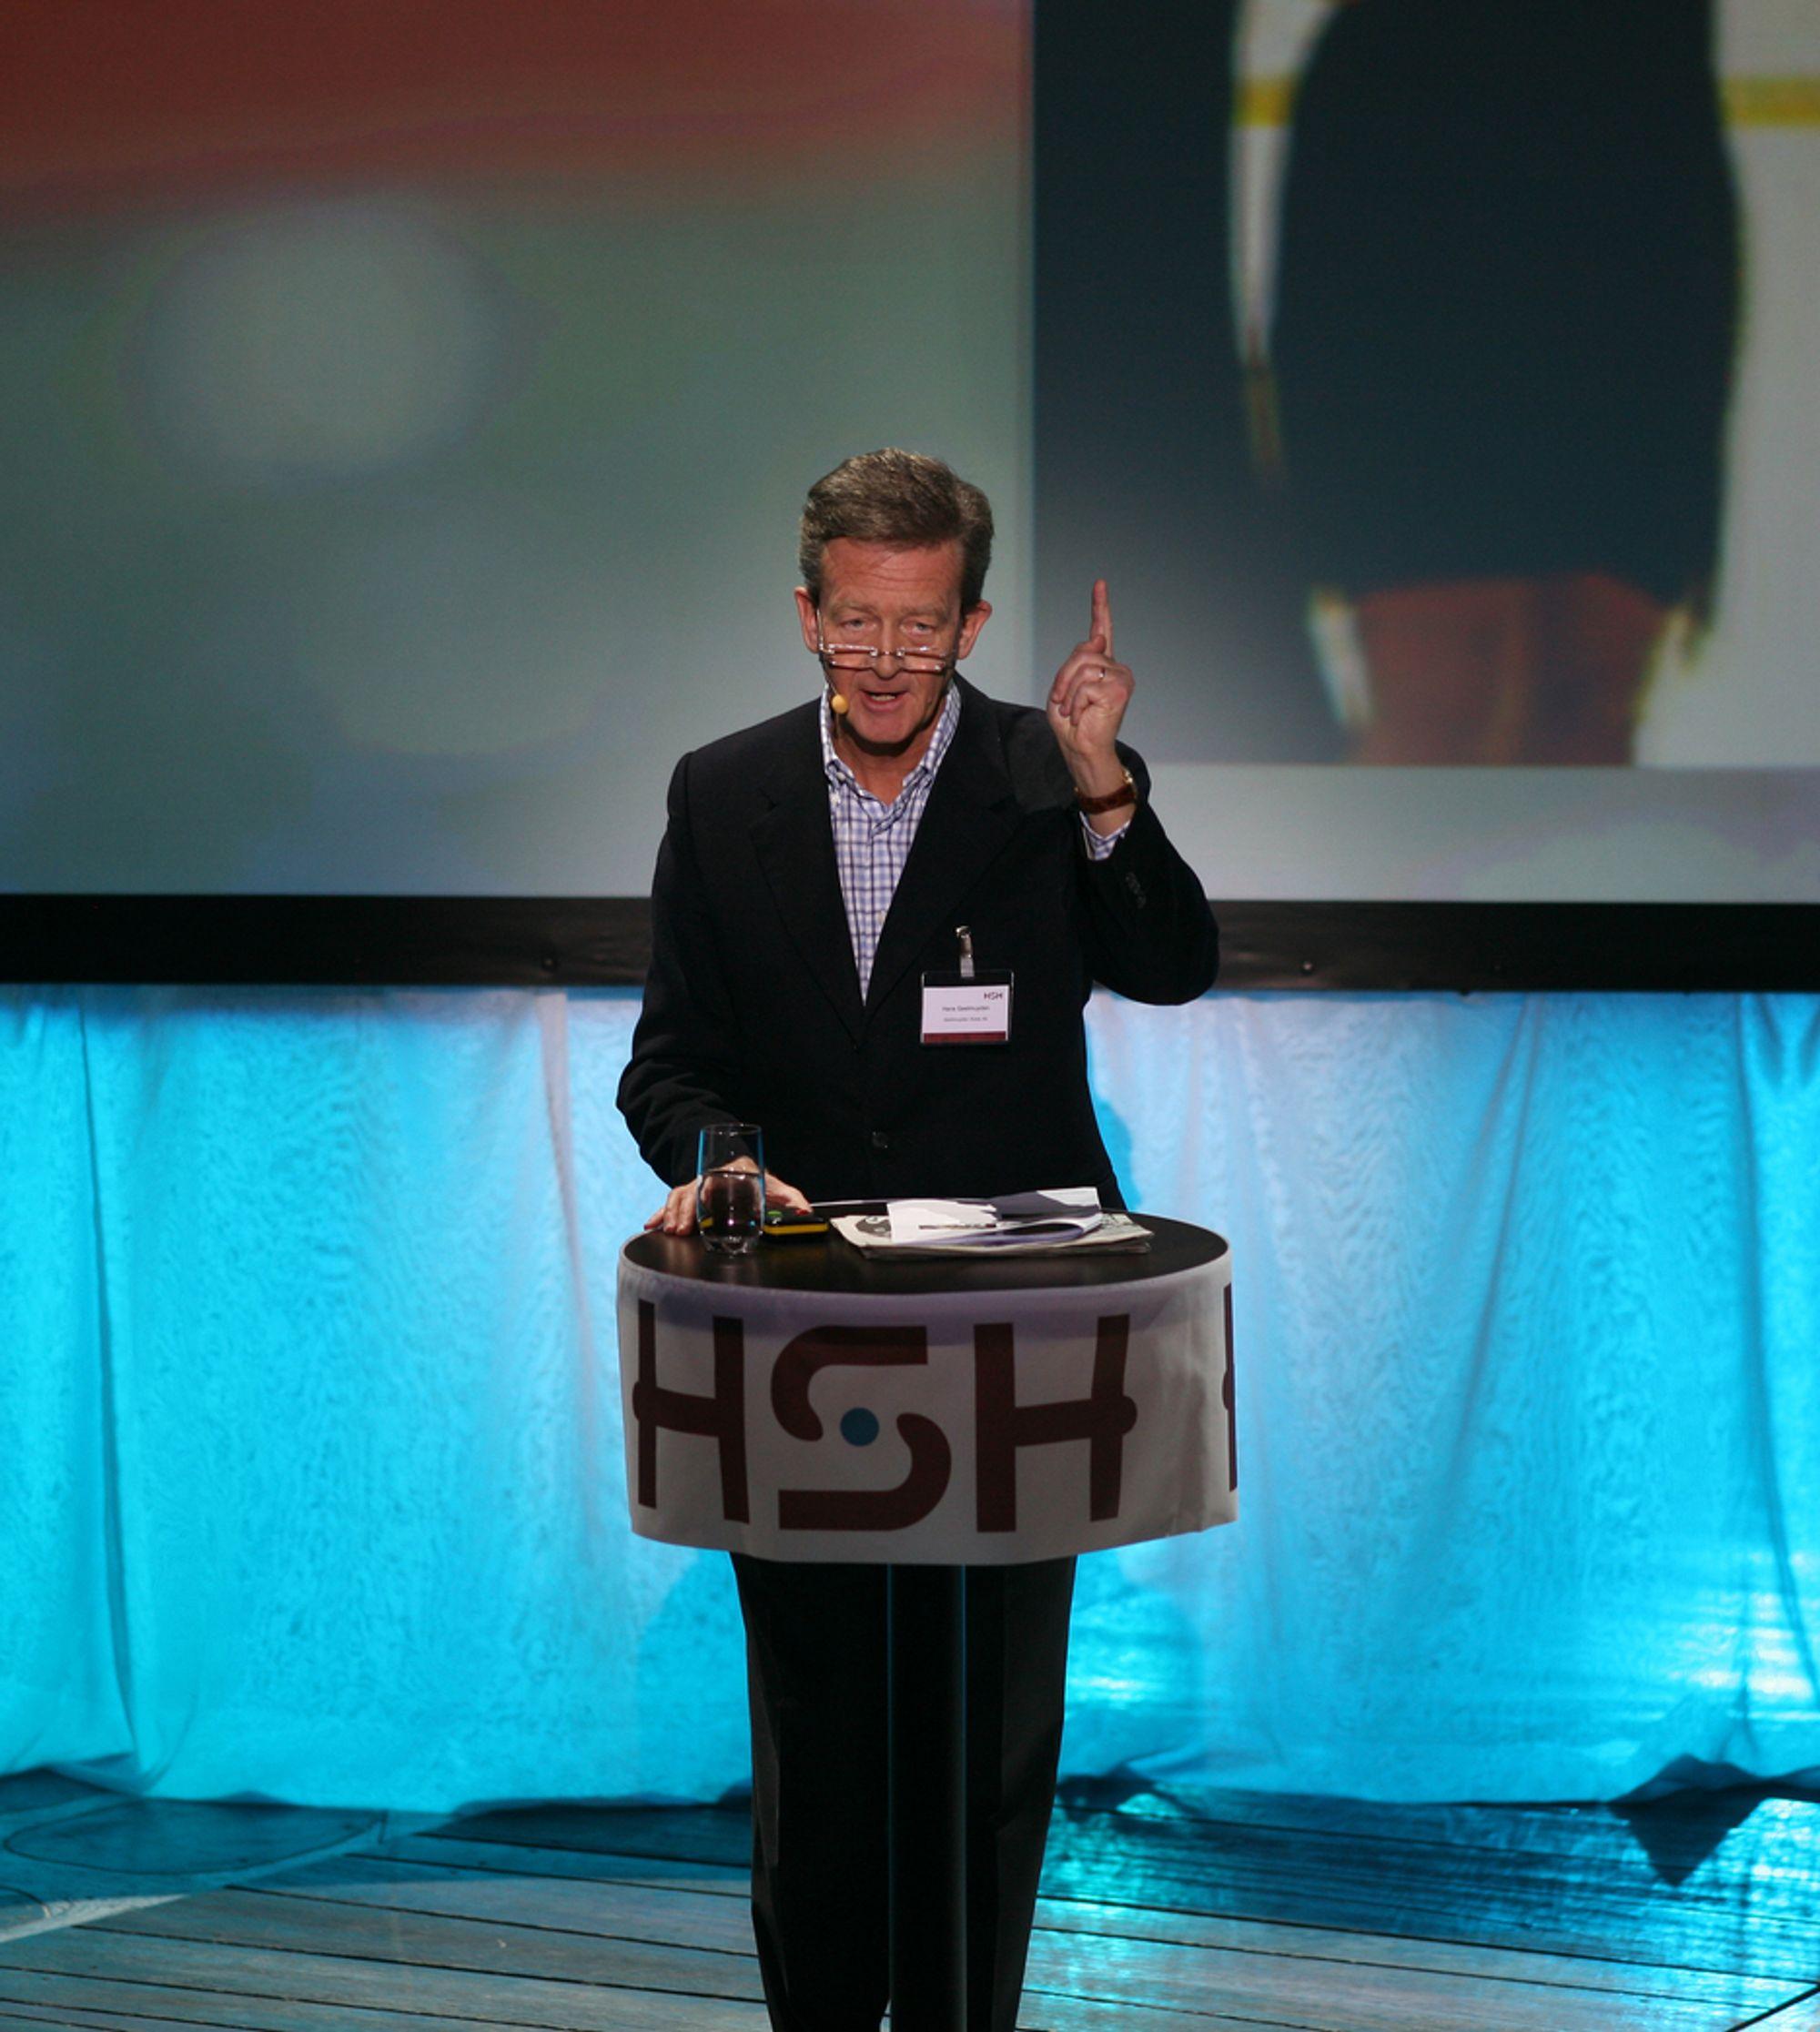 UTSPILL: Å klippe hår og slikt gir høy verdiskapning, mener Hans Geelmuyden.